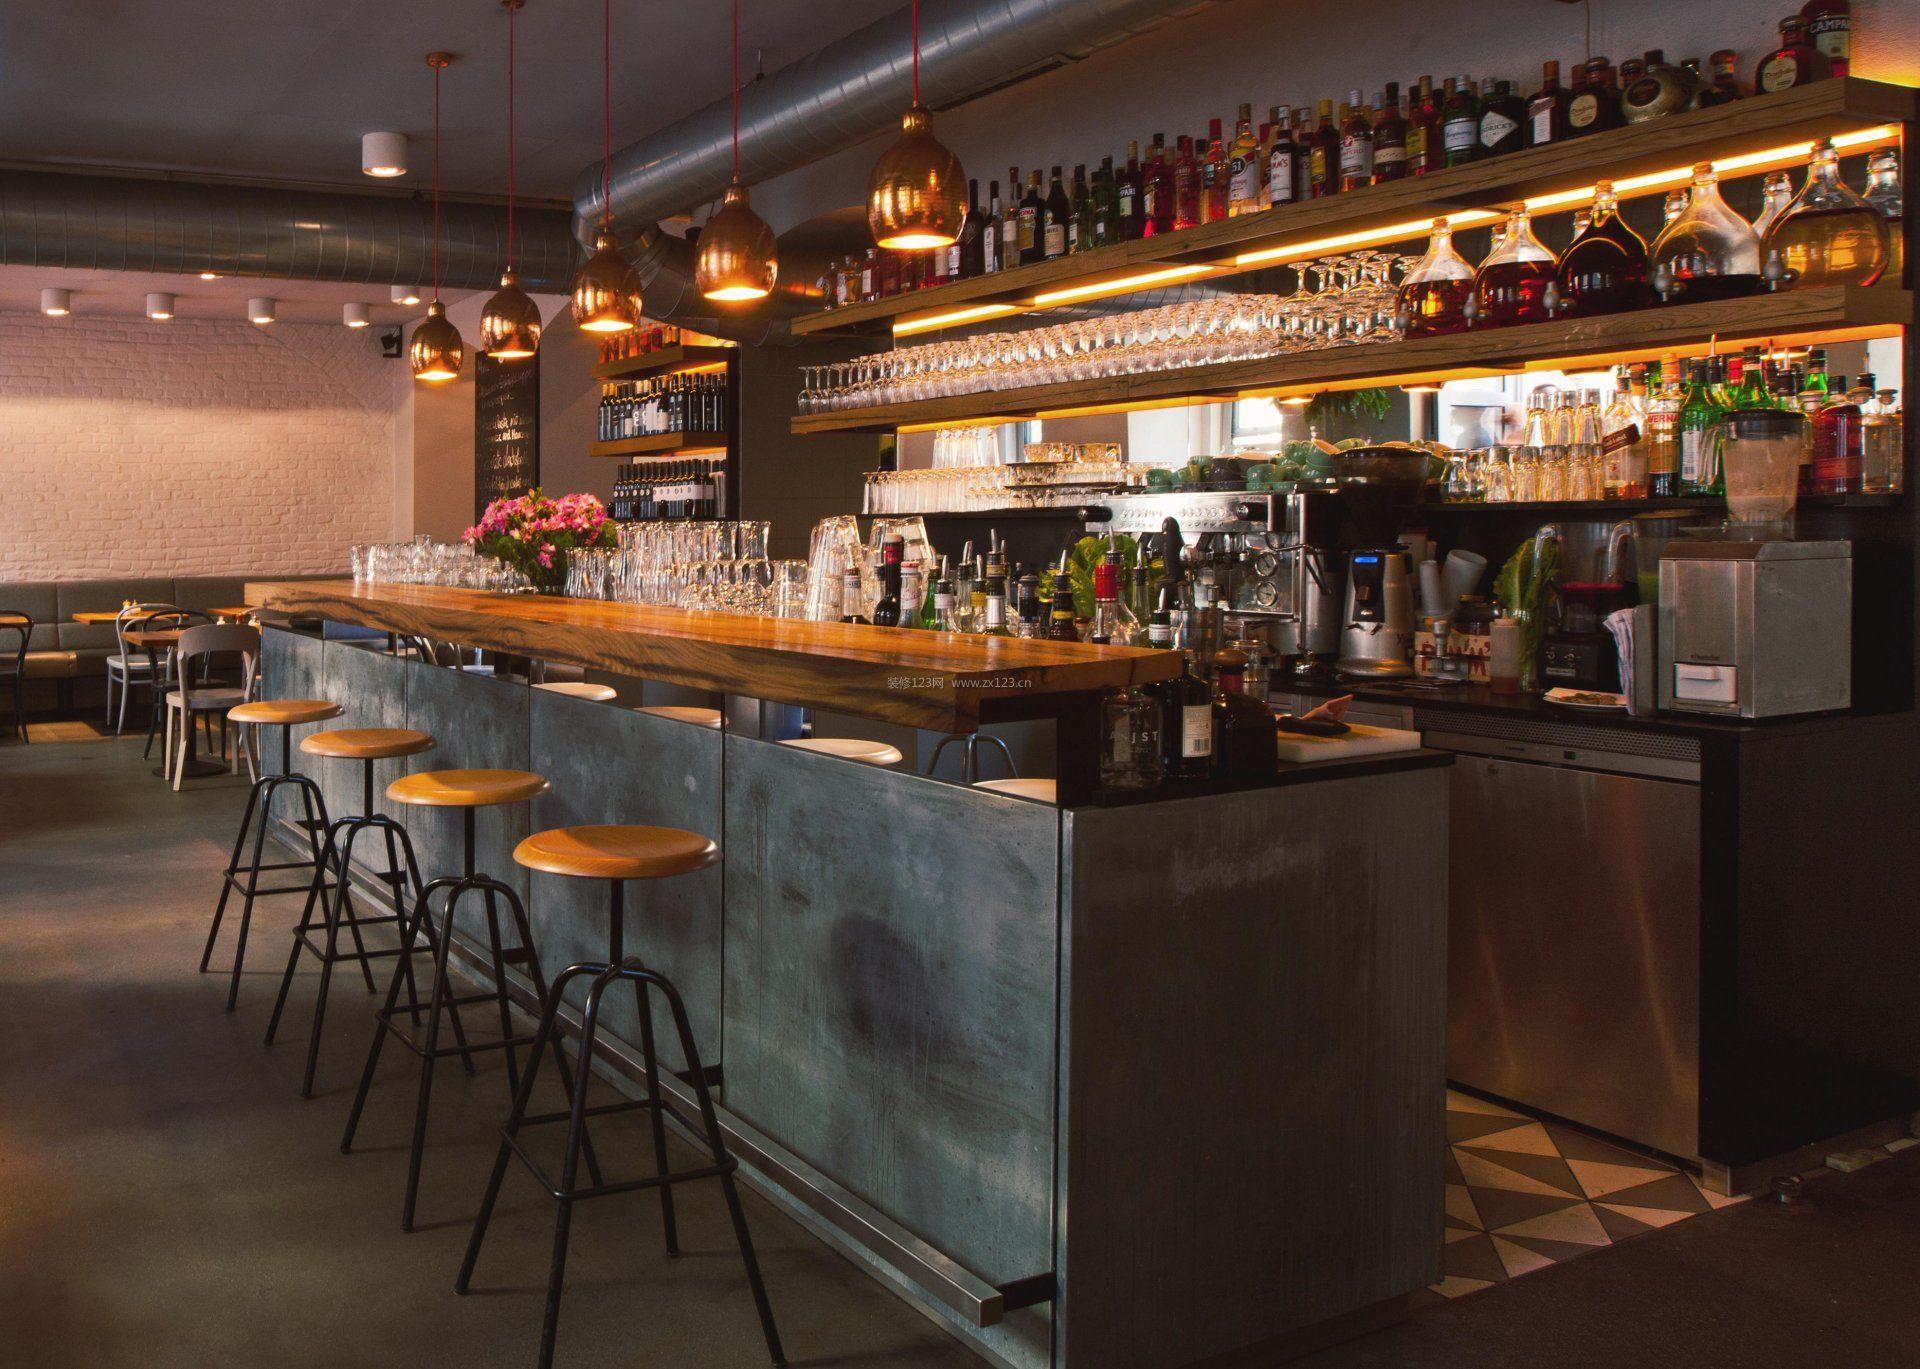 小酒吧吧台酒架装修效果图片图片